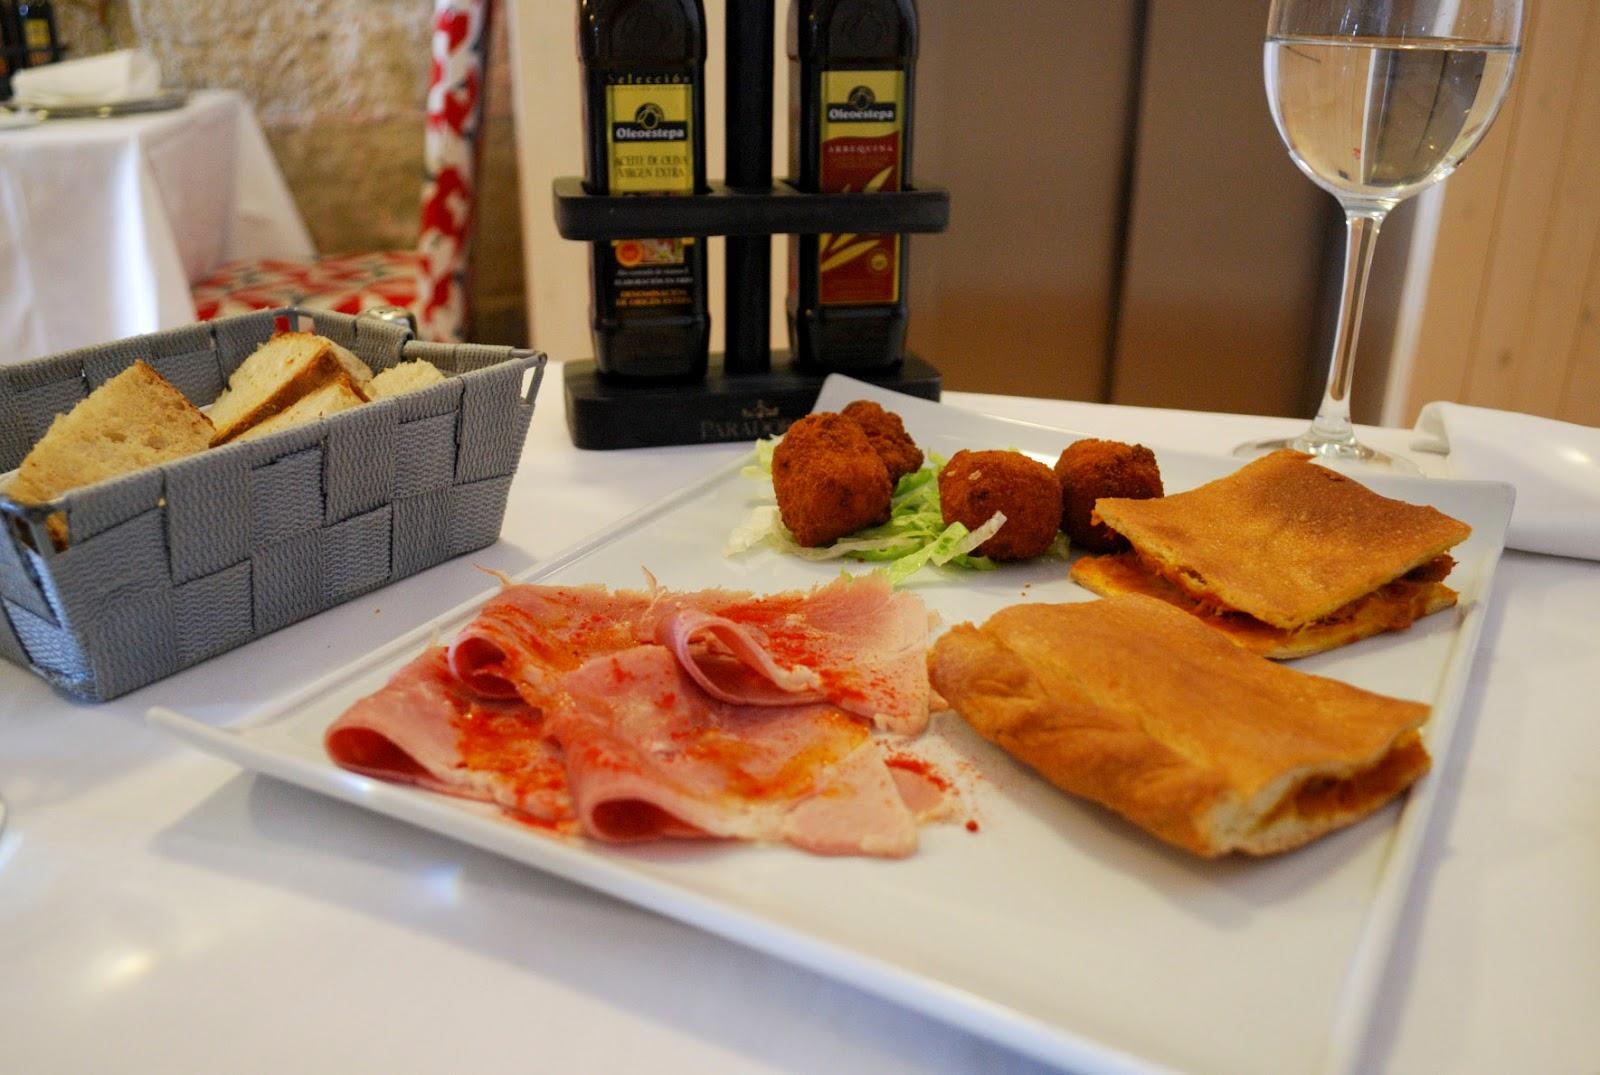 lacon empanada gallega delicacies food gastronomy galicia spain restaurant parador hotel